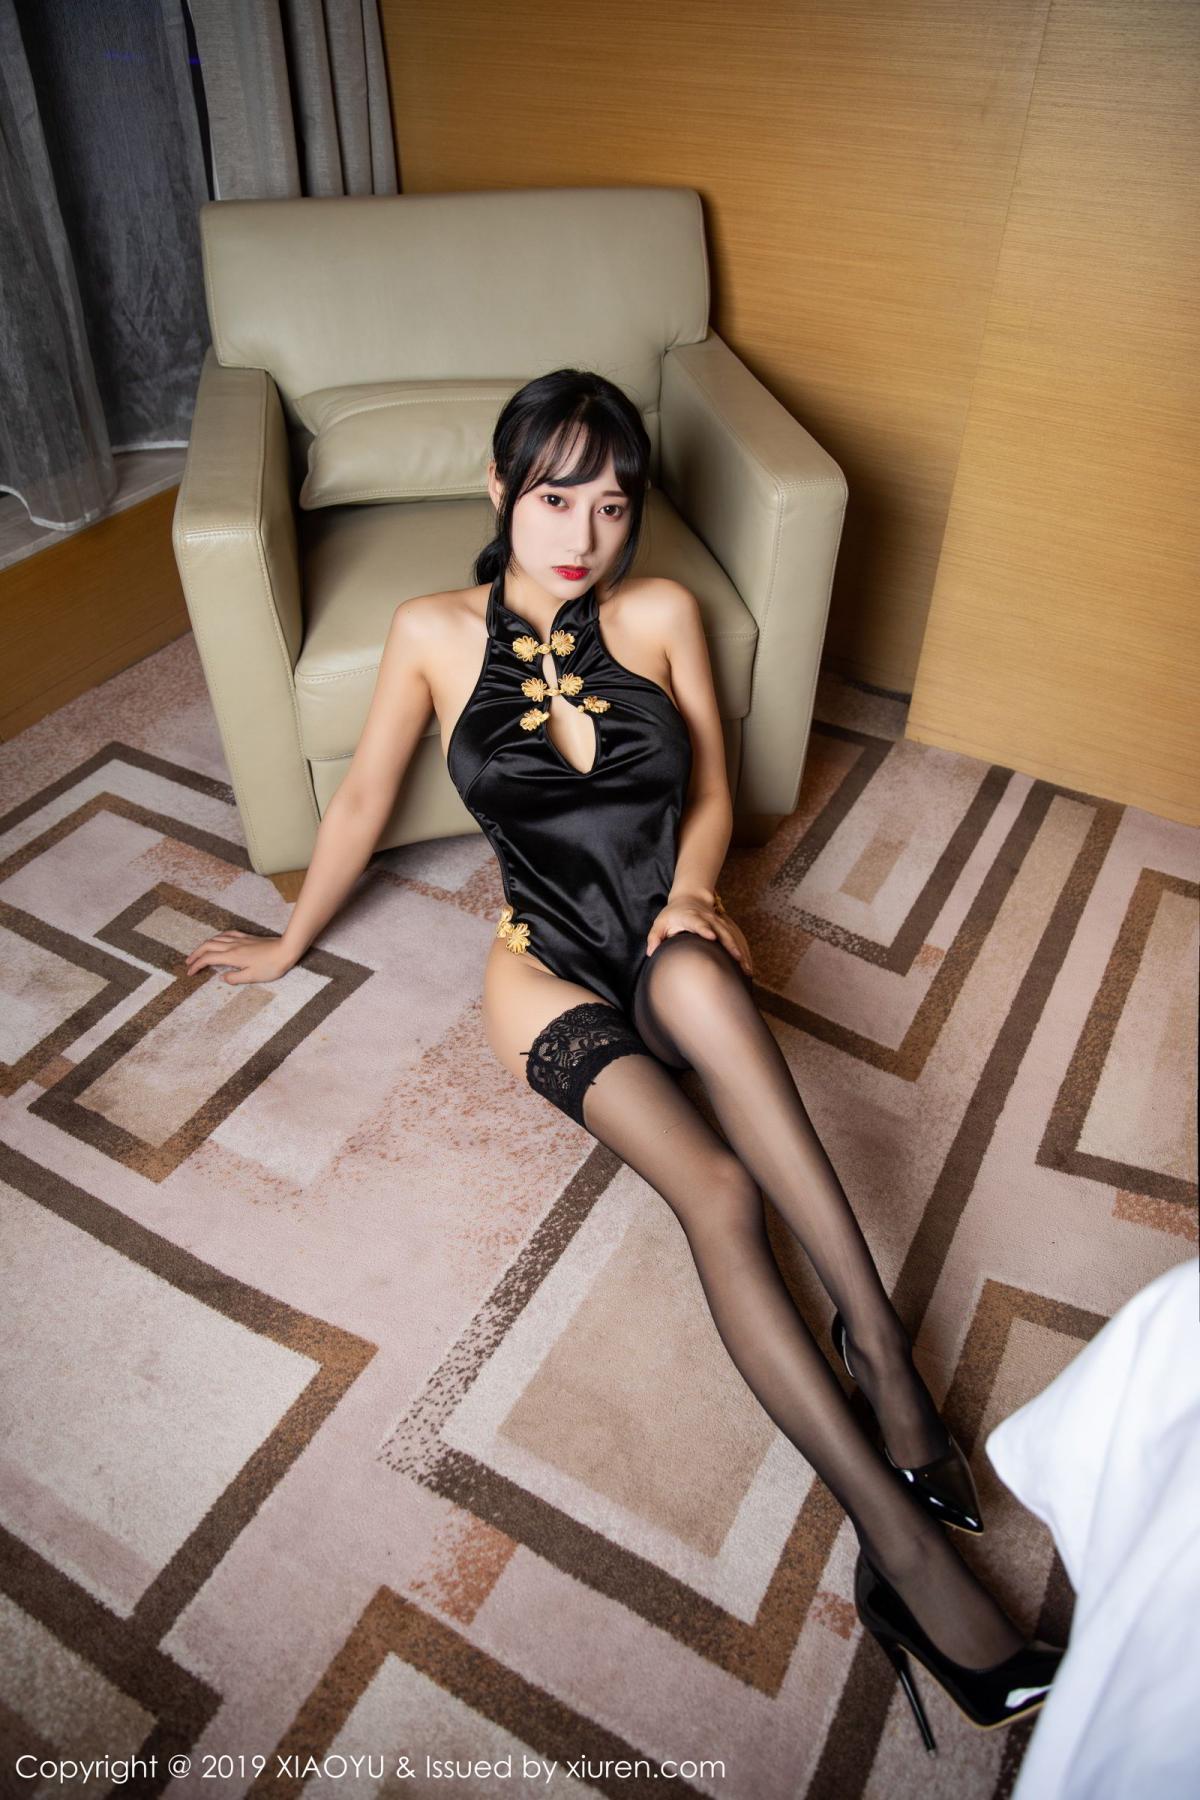 [XiaoYu] Vol.170 He Jia Ying 19P, He Jia Ying, Tall, XiaoYu